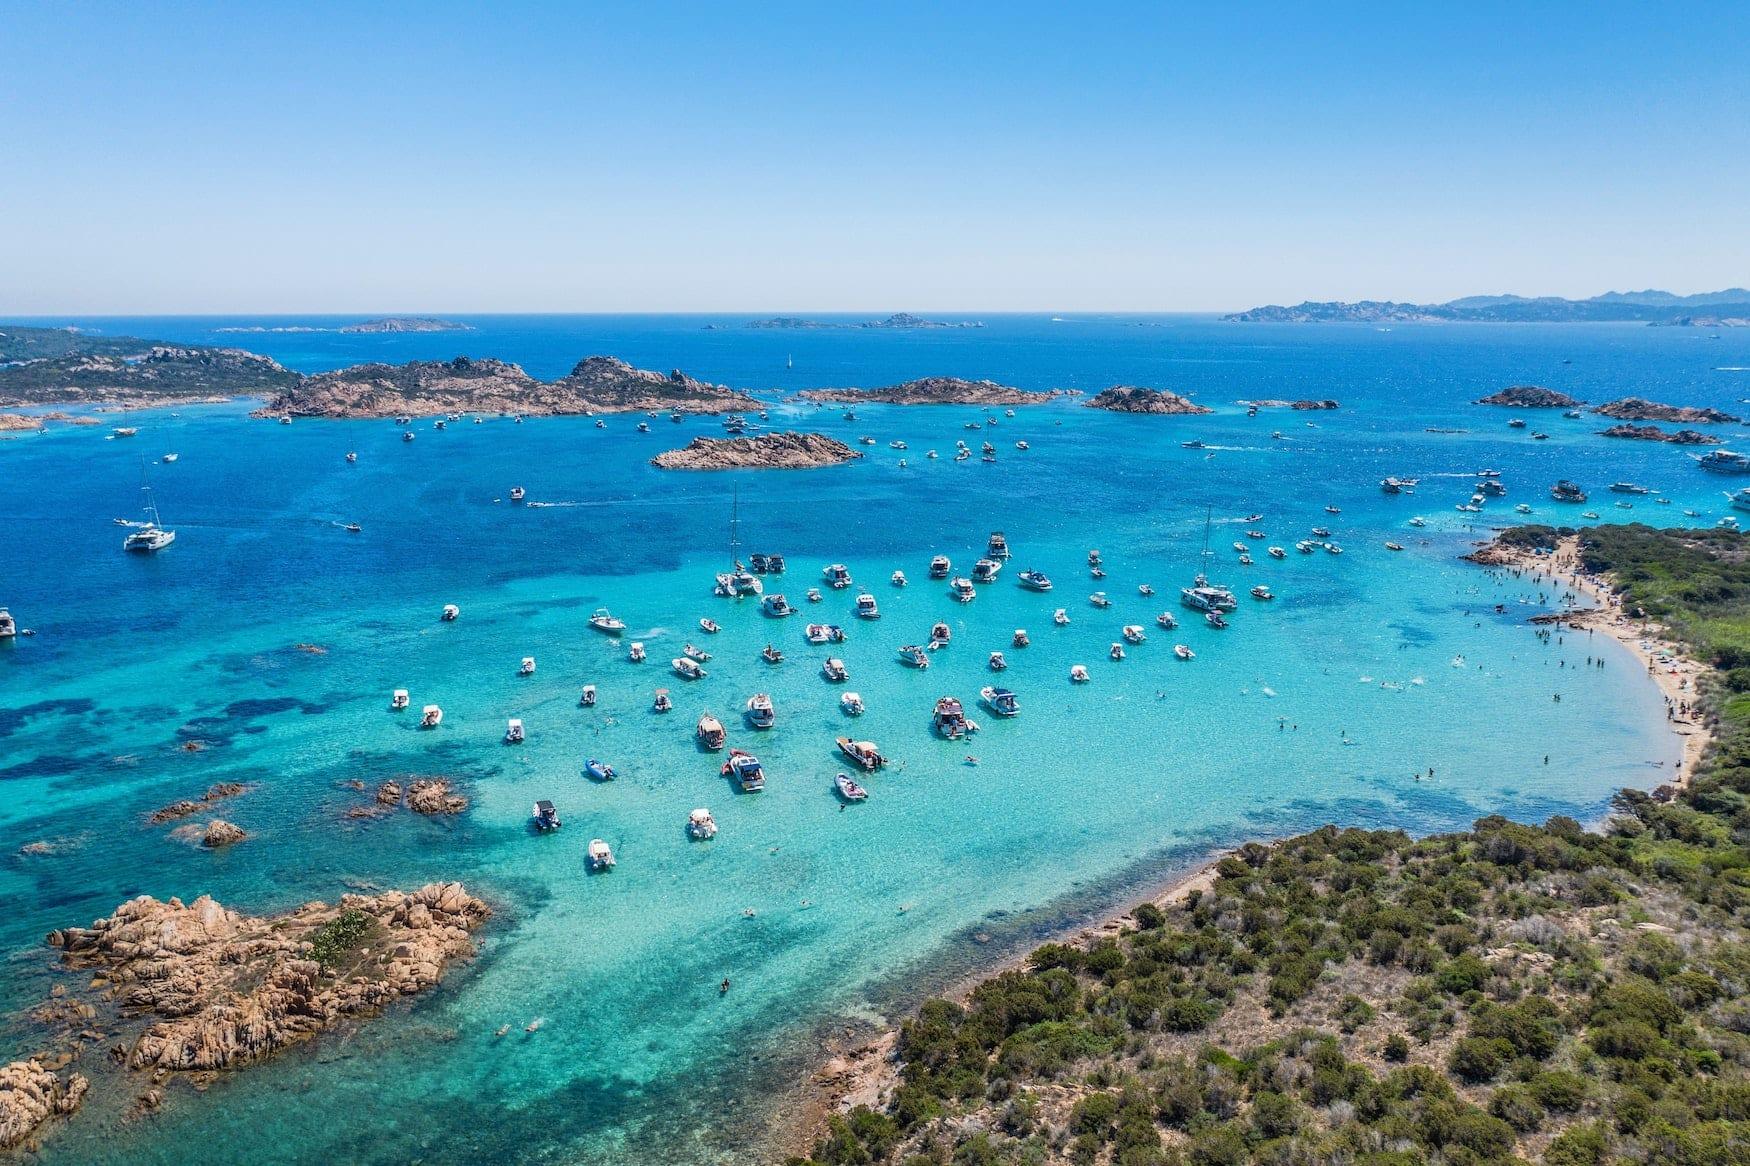 Boote liegen in Bucht auf Sardinien. Das türkisfarbene Wasser ist sicherlich eine der größten Sehenswürdigkeiten der Mittelmeerinsel